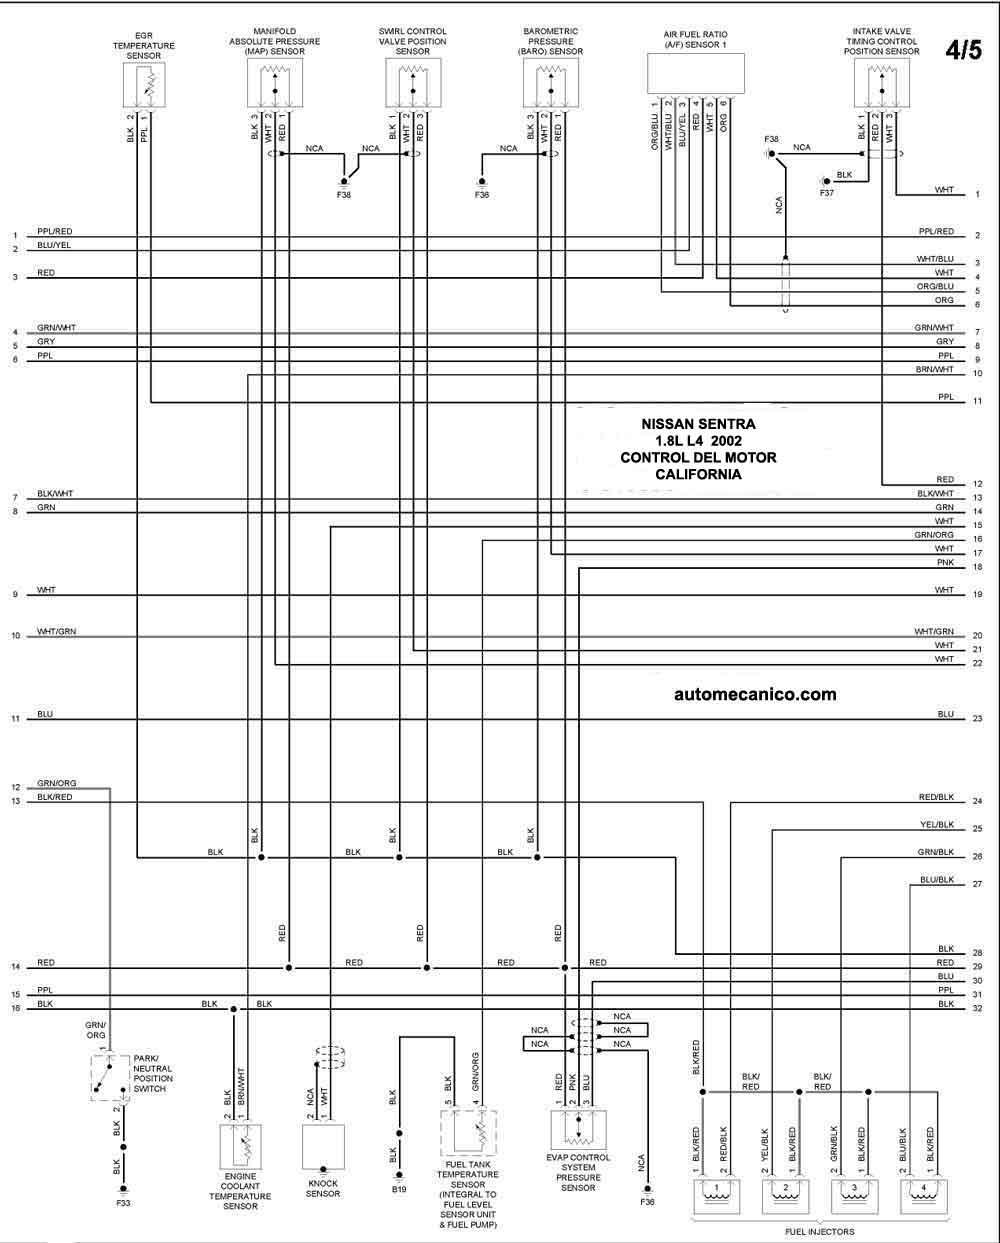 hight resolution of de tiempo nissan sentra 2002 on nissan altima 2001 2 4 engine diagram symbols moreover diagrama de nissan sentra 2001